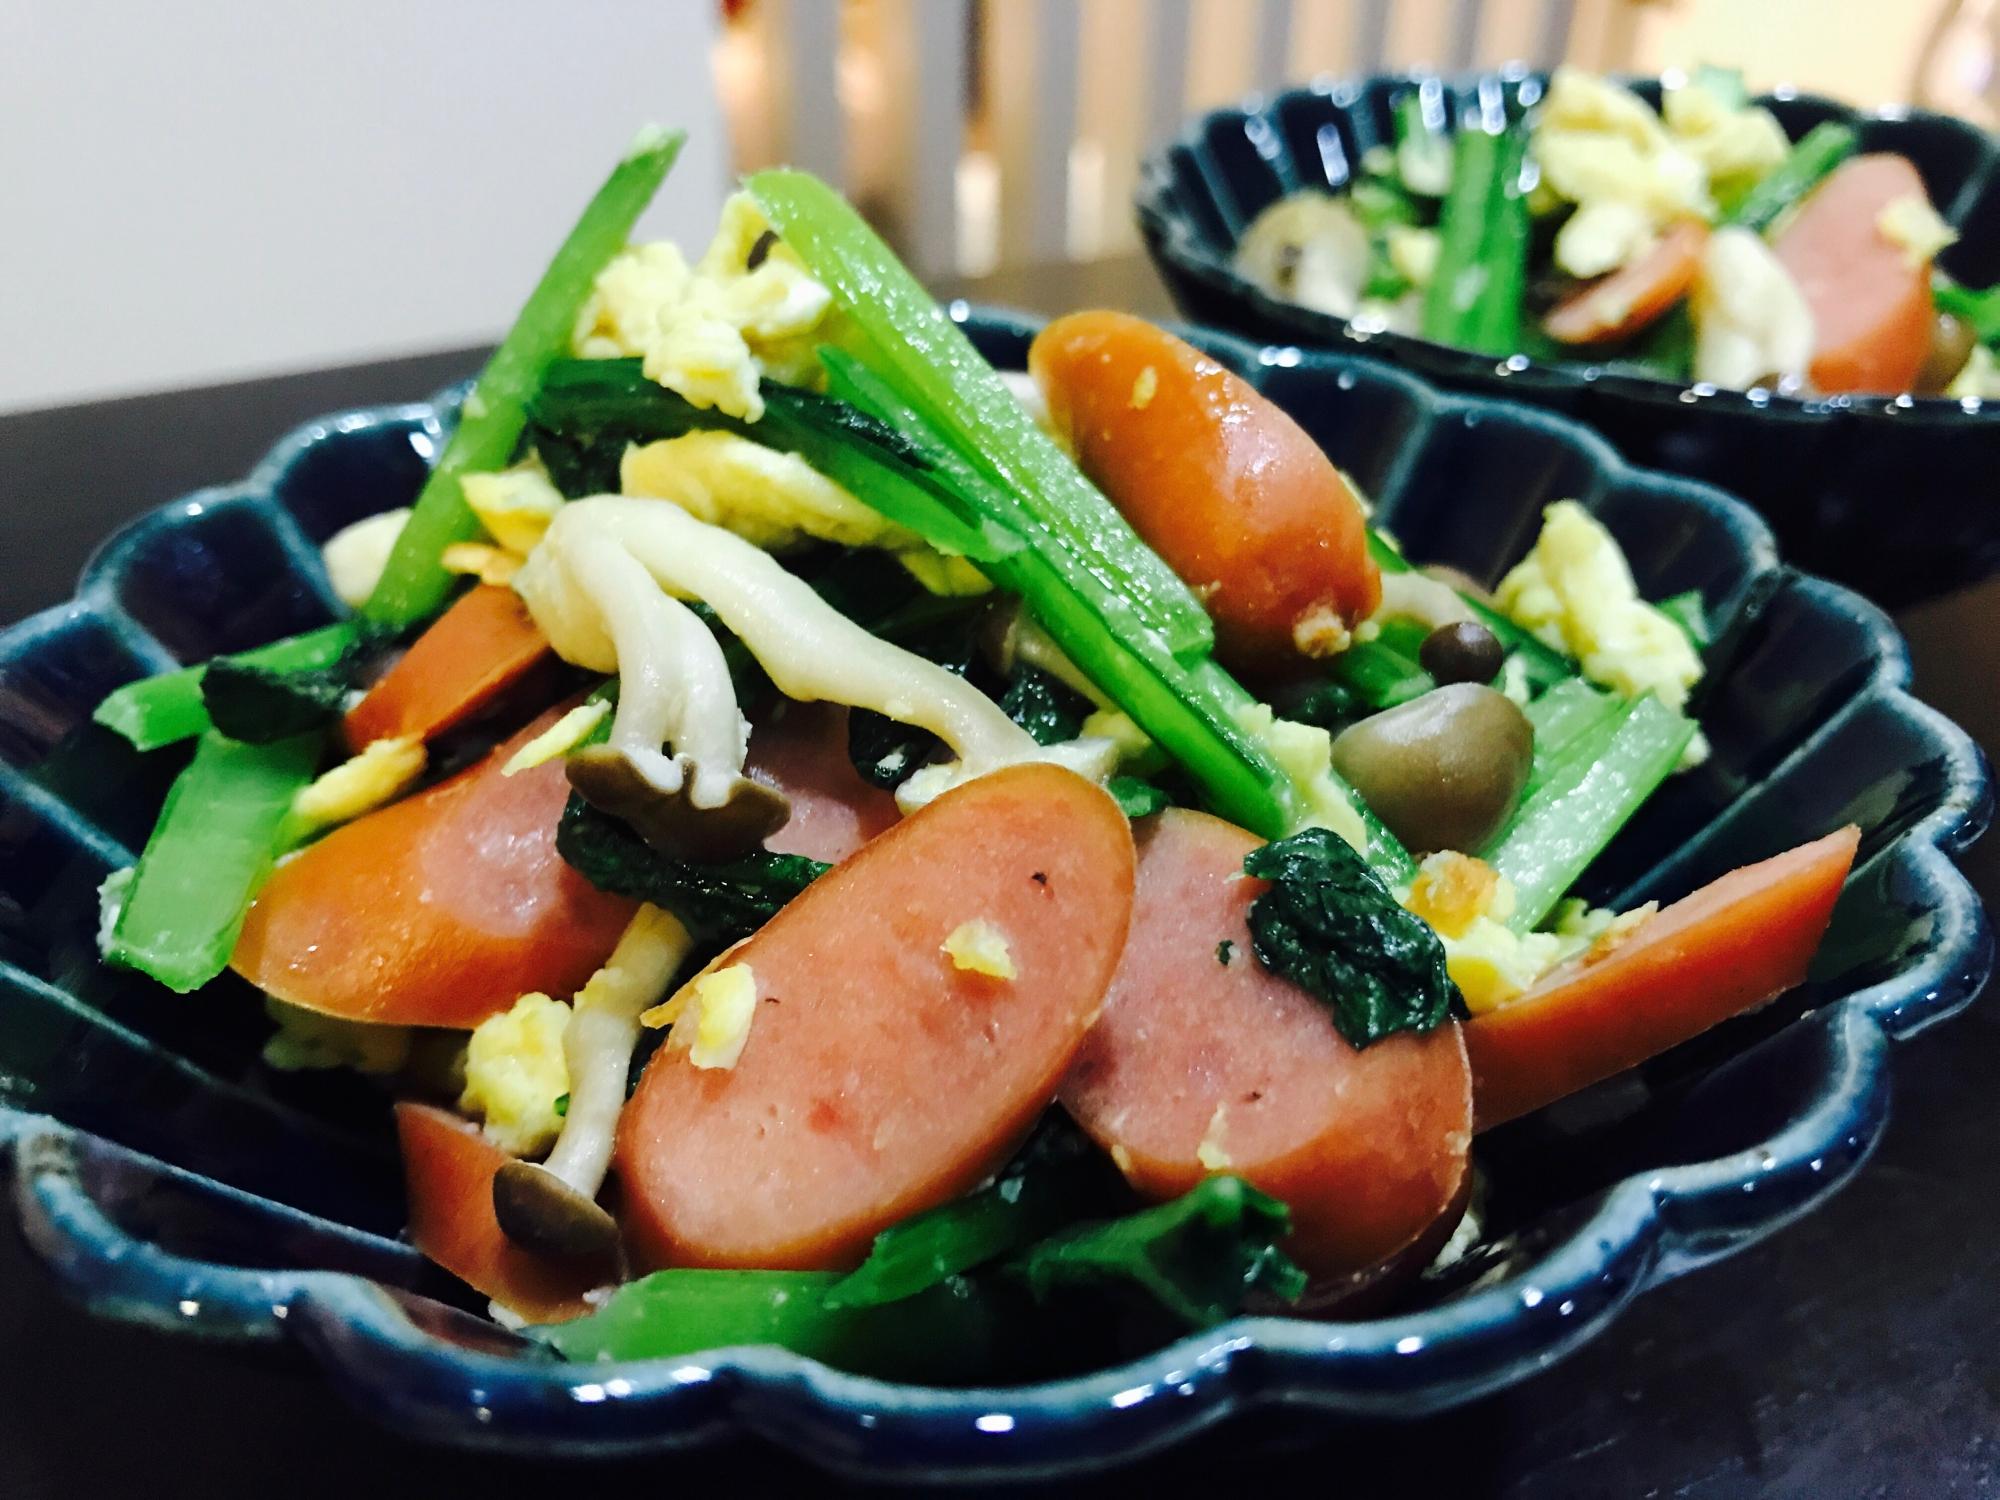 5. 小松菜とウインナーのふわっと卵炒め